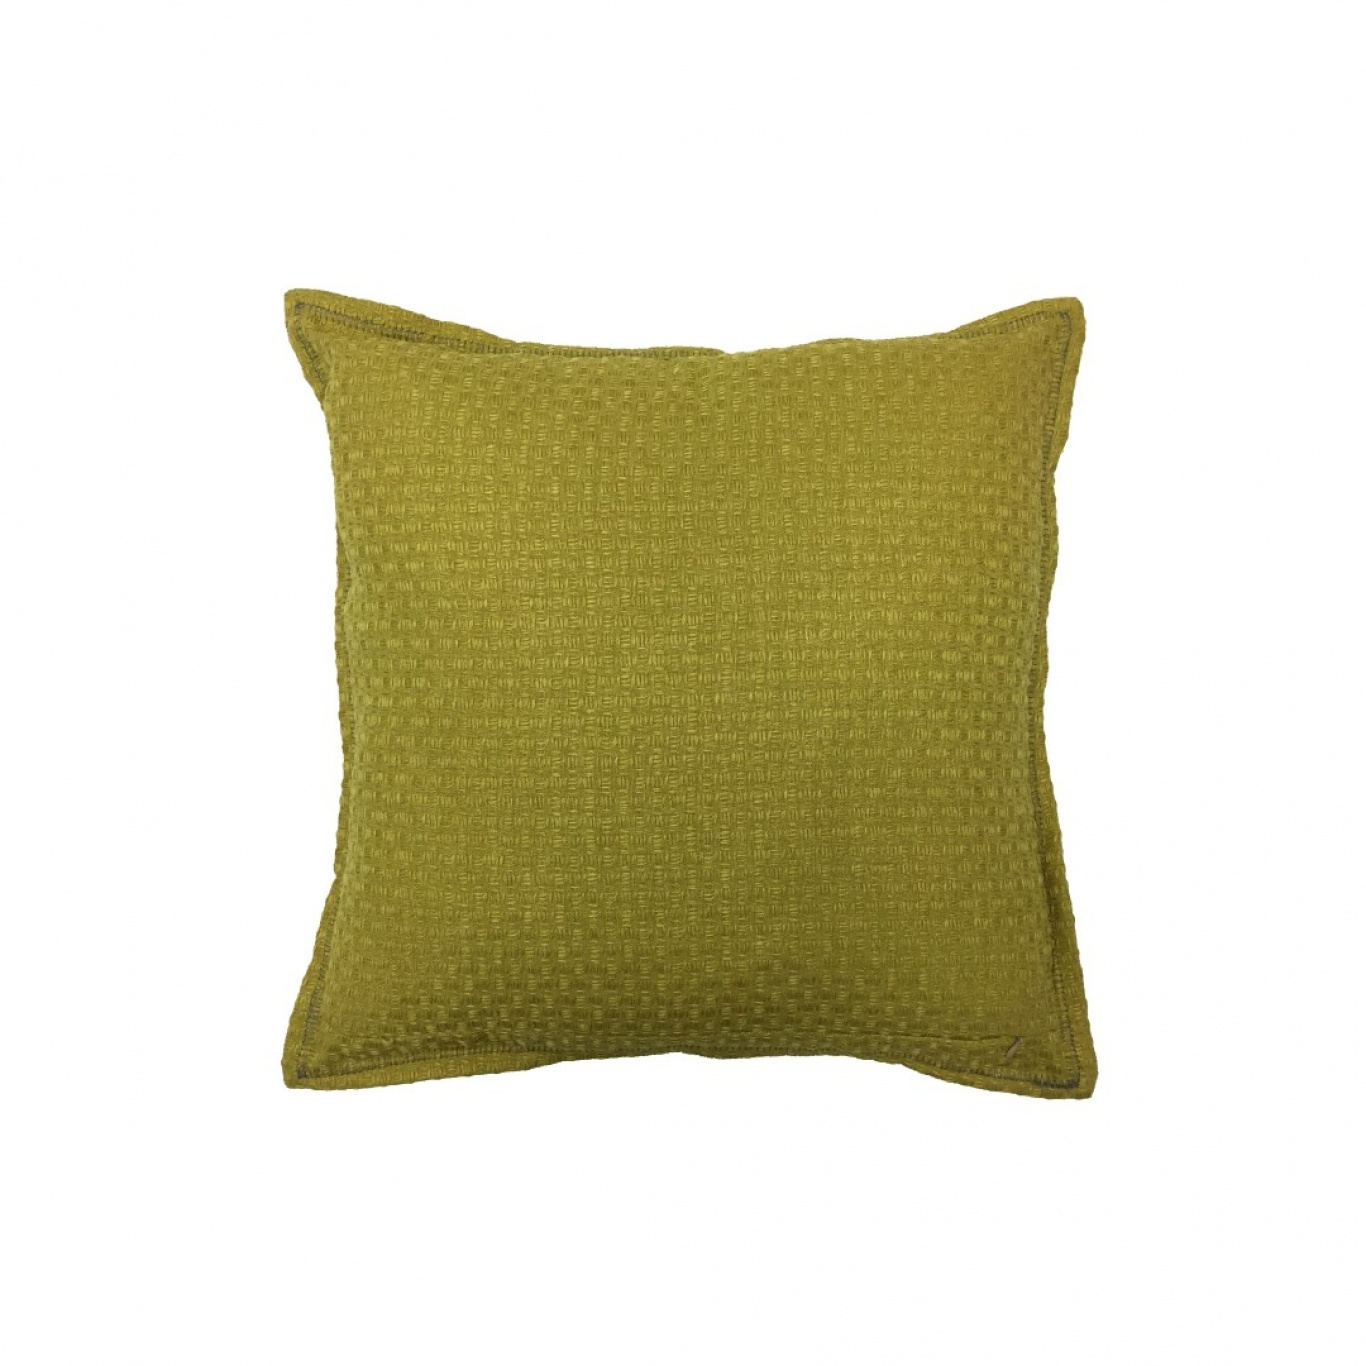 Image of Voyage Nessa Citrus Cushion